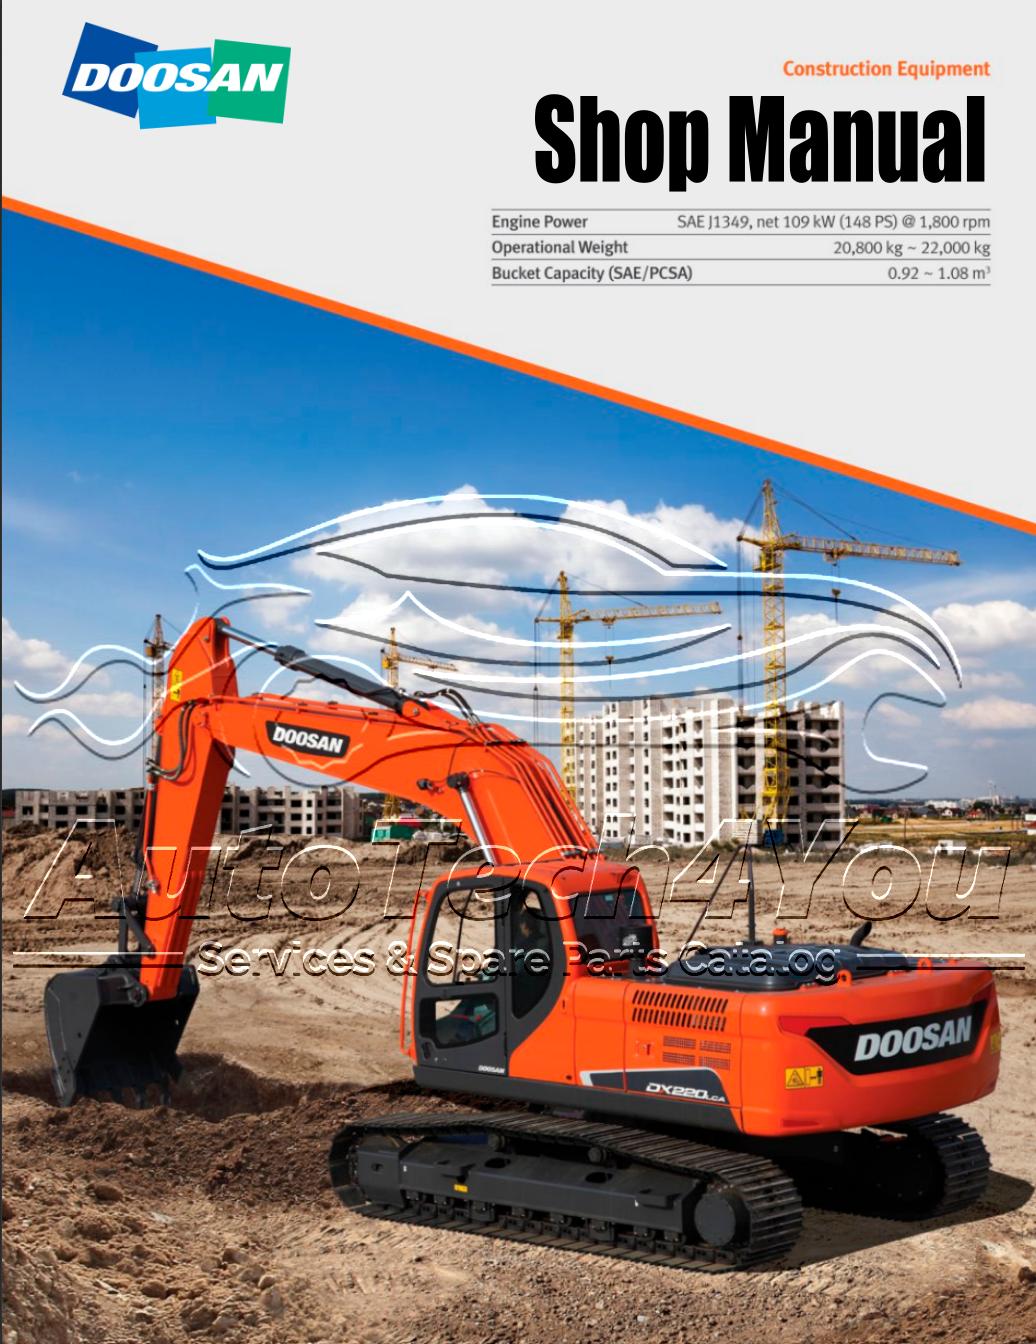 DOOSAN shop Manual